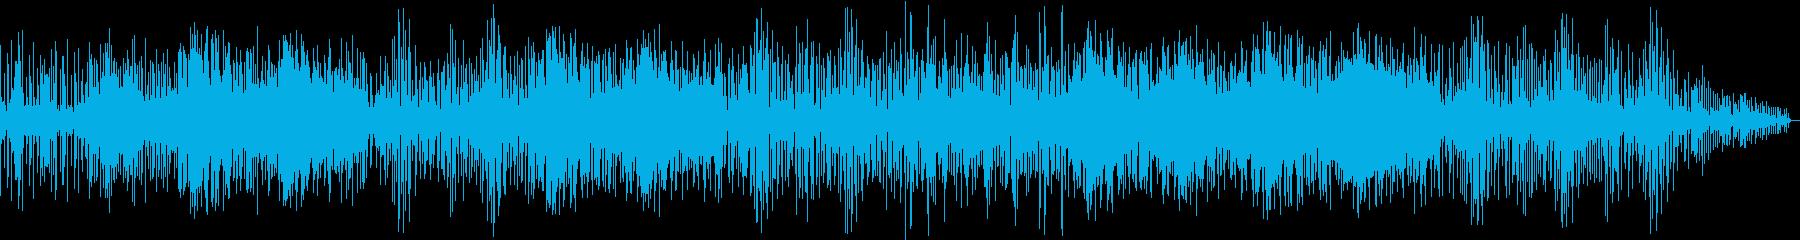 キック音と効果音が印象的なエレクトロニカの再生済みの波形